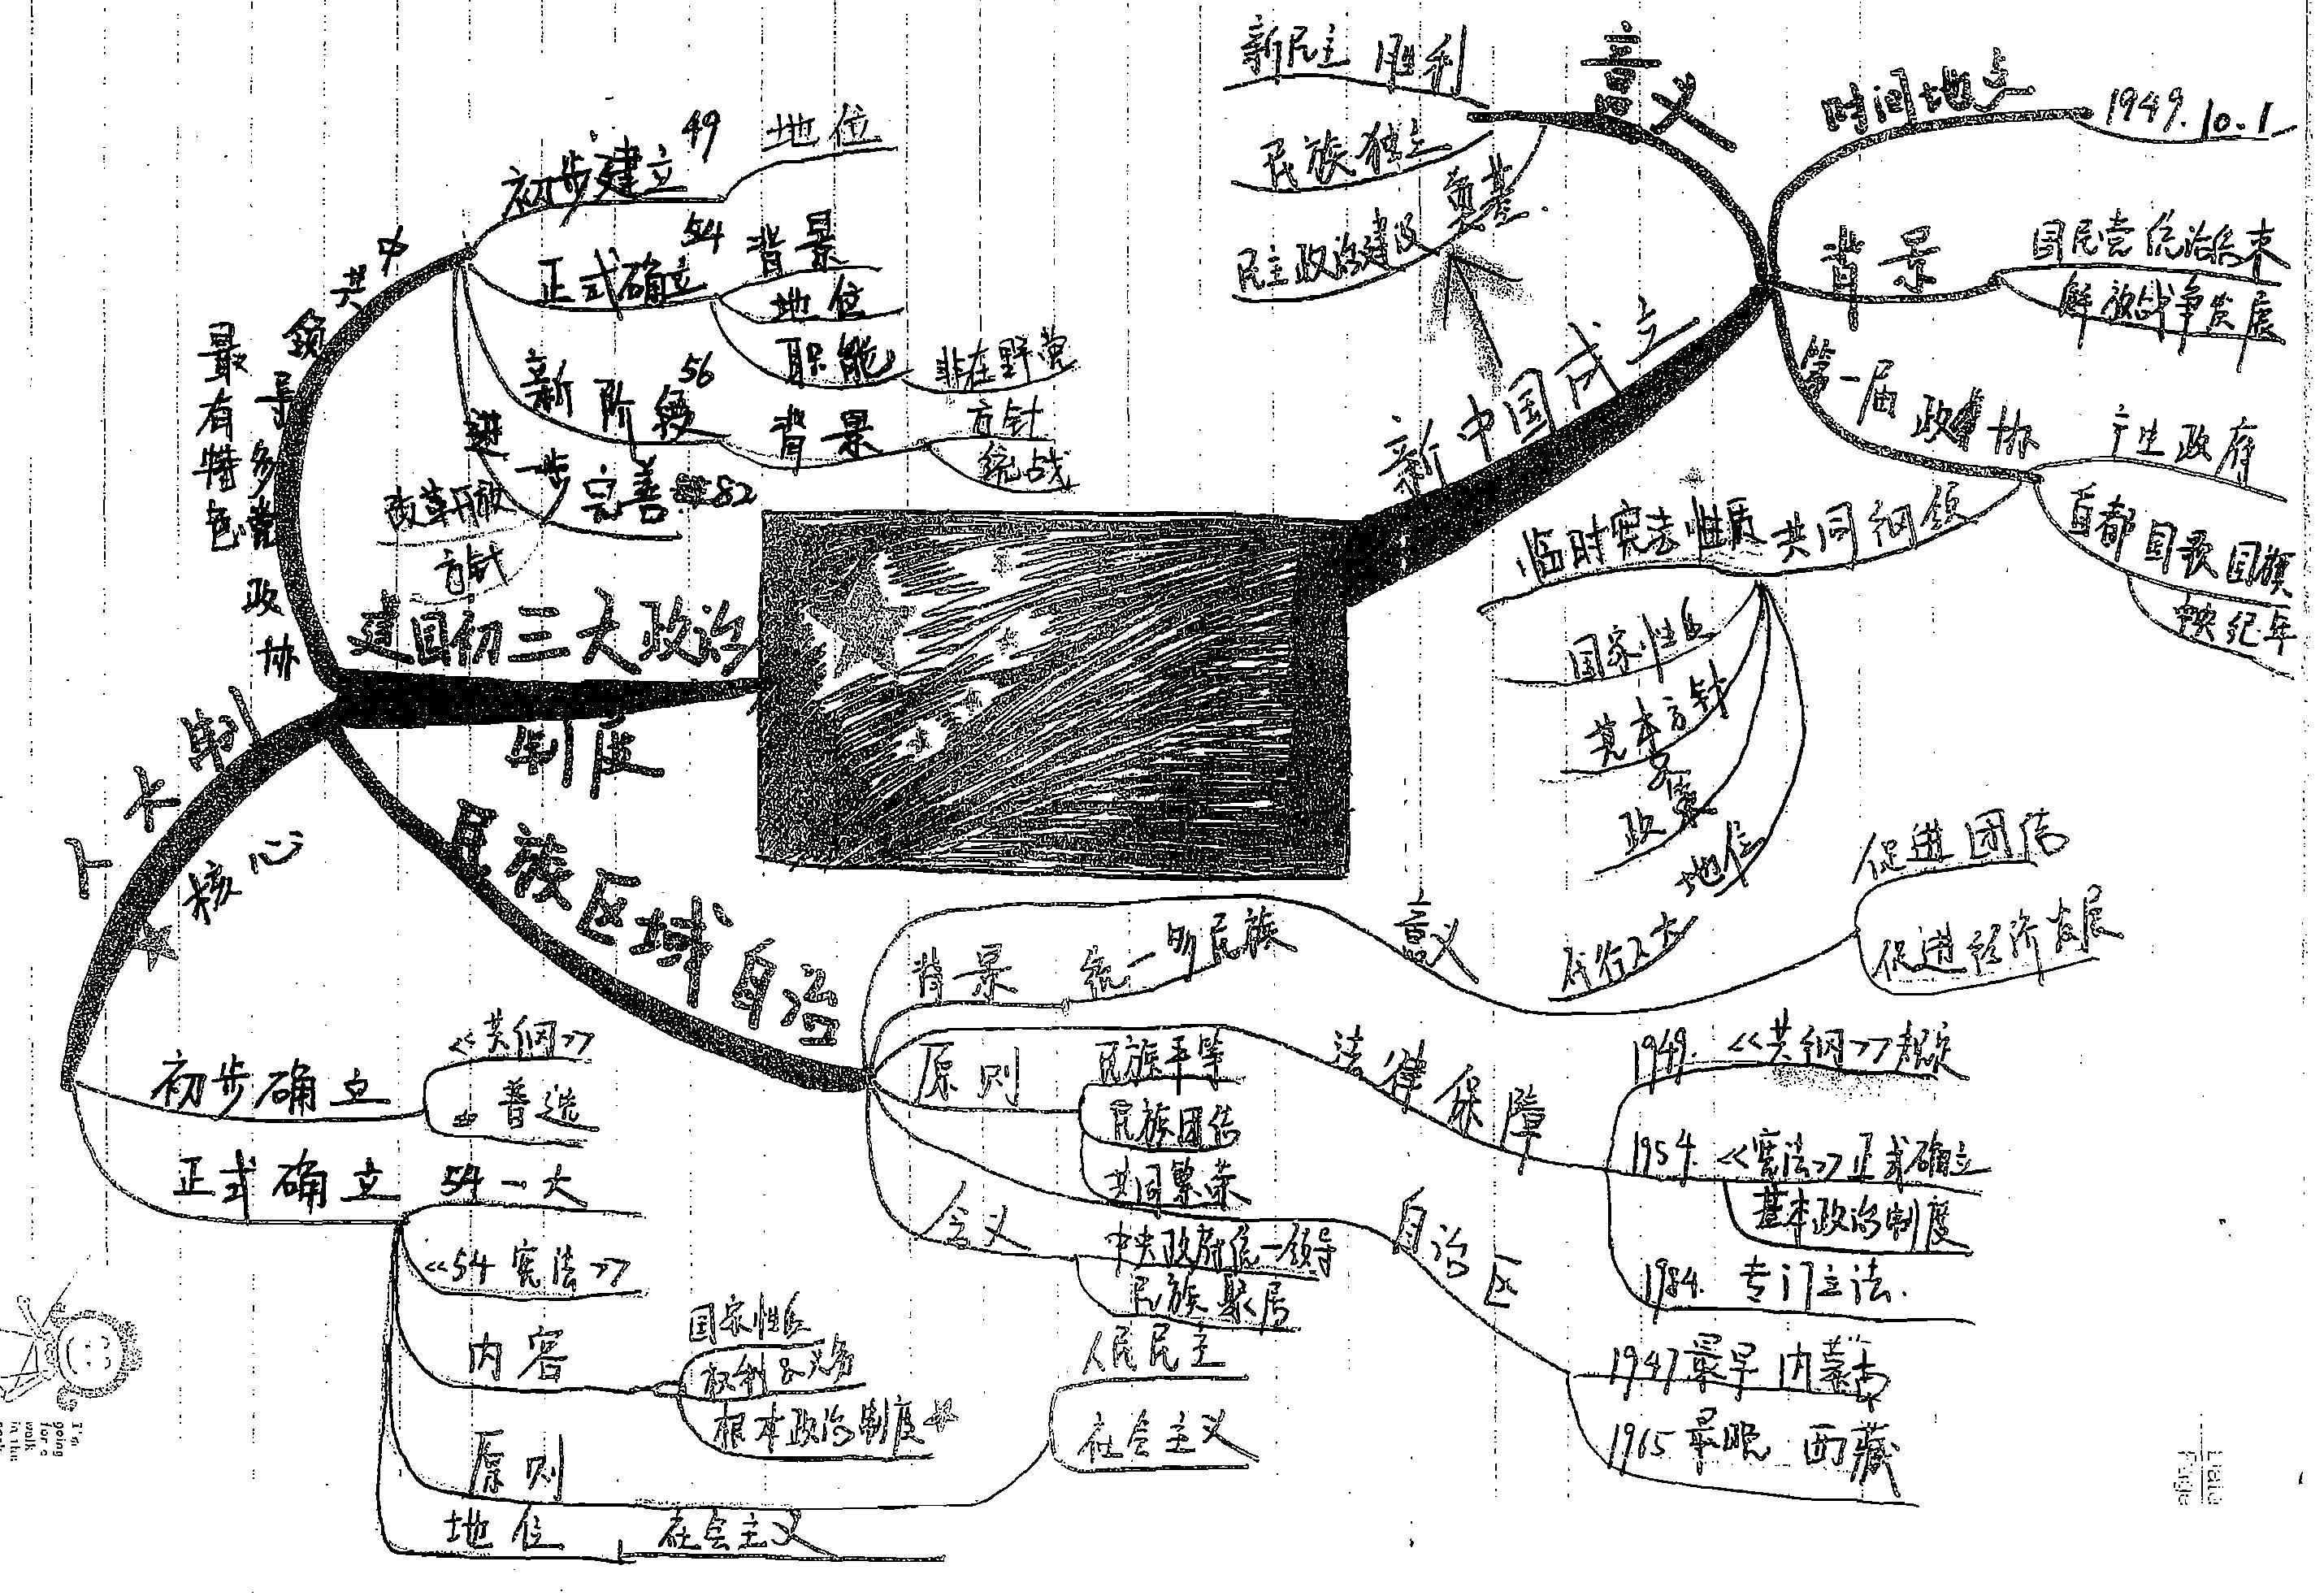 高中历史手绘版思维导图全汇总,文科生人手一份,必须滴!